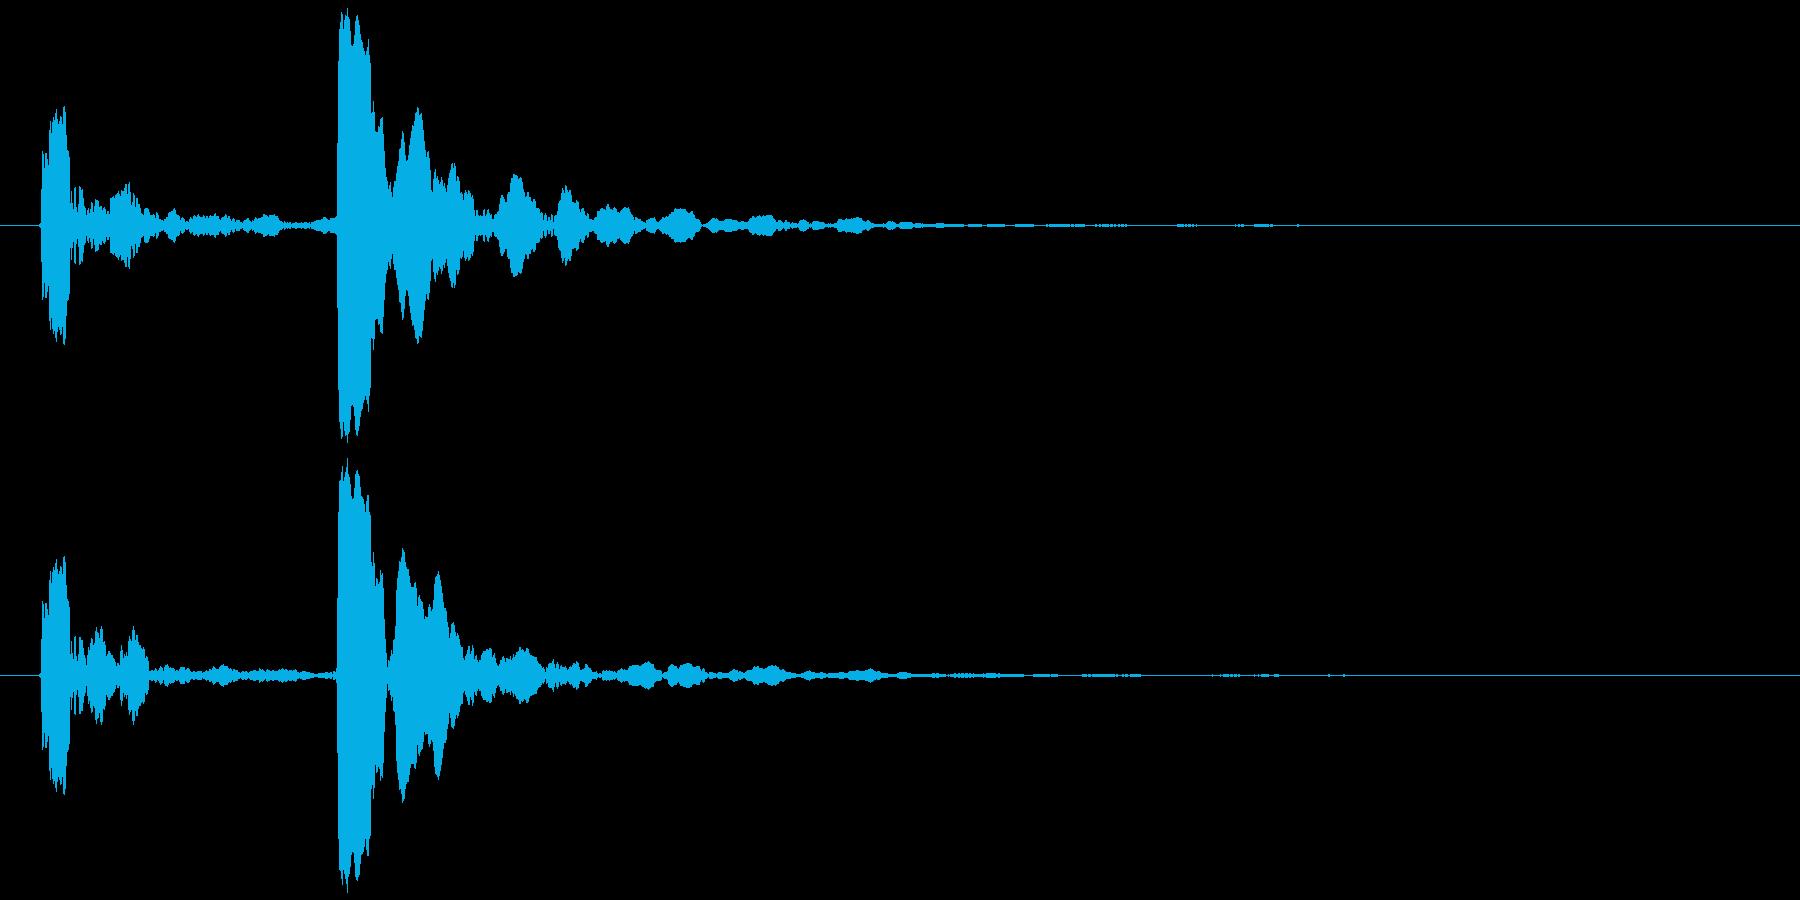 水滴 一滴 ピチョン(鋭い)の再生済みの波形